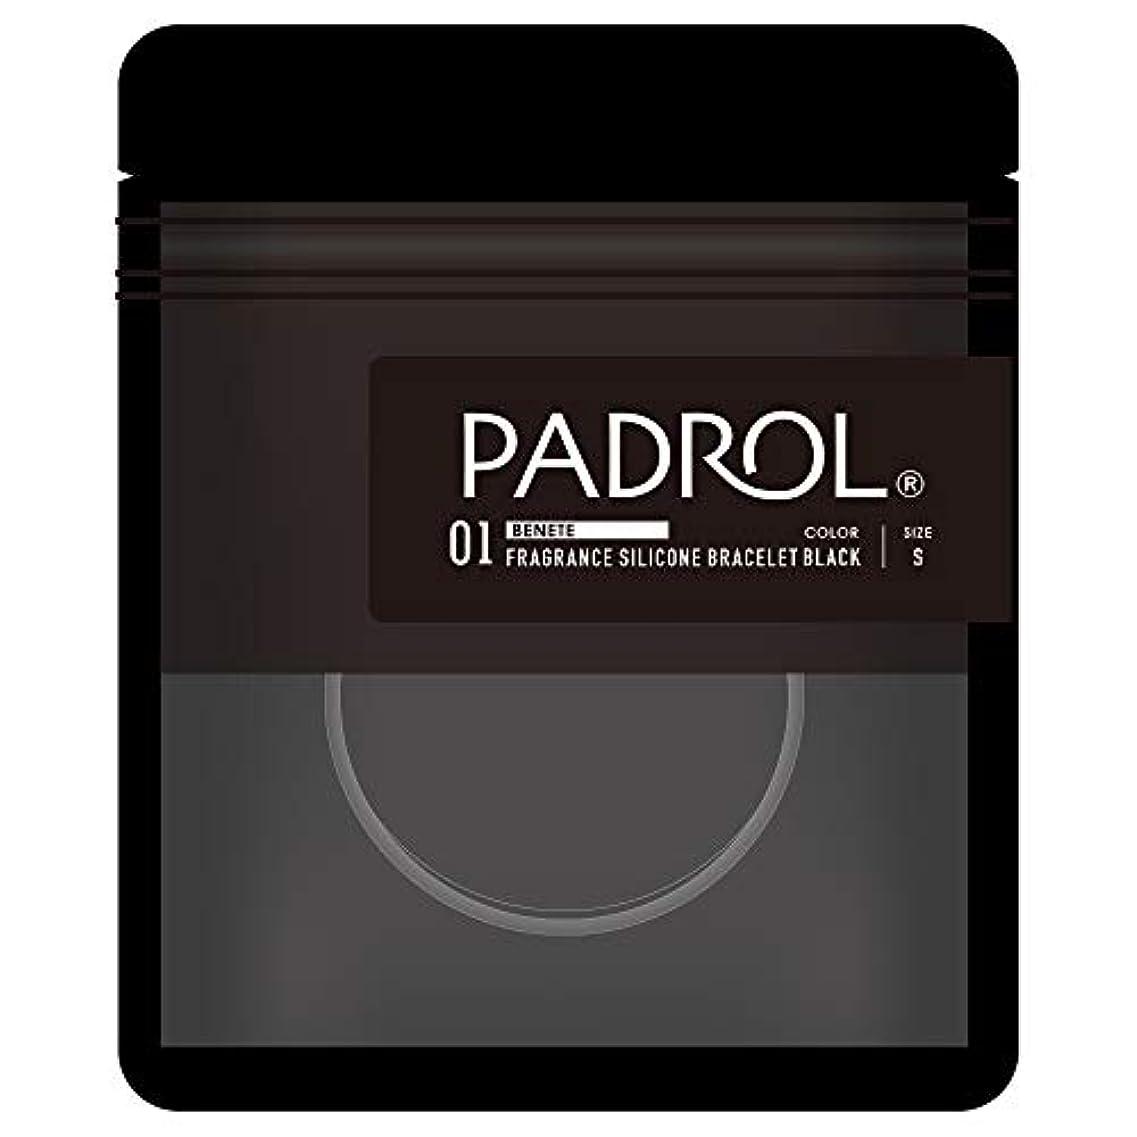 オープナーブロックする記憶PADROL フレグランス ブレスレット ホワイトムスクの香り シリコン Sサイズ ブラック PAD-13-03